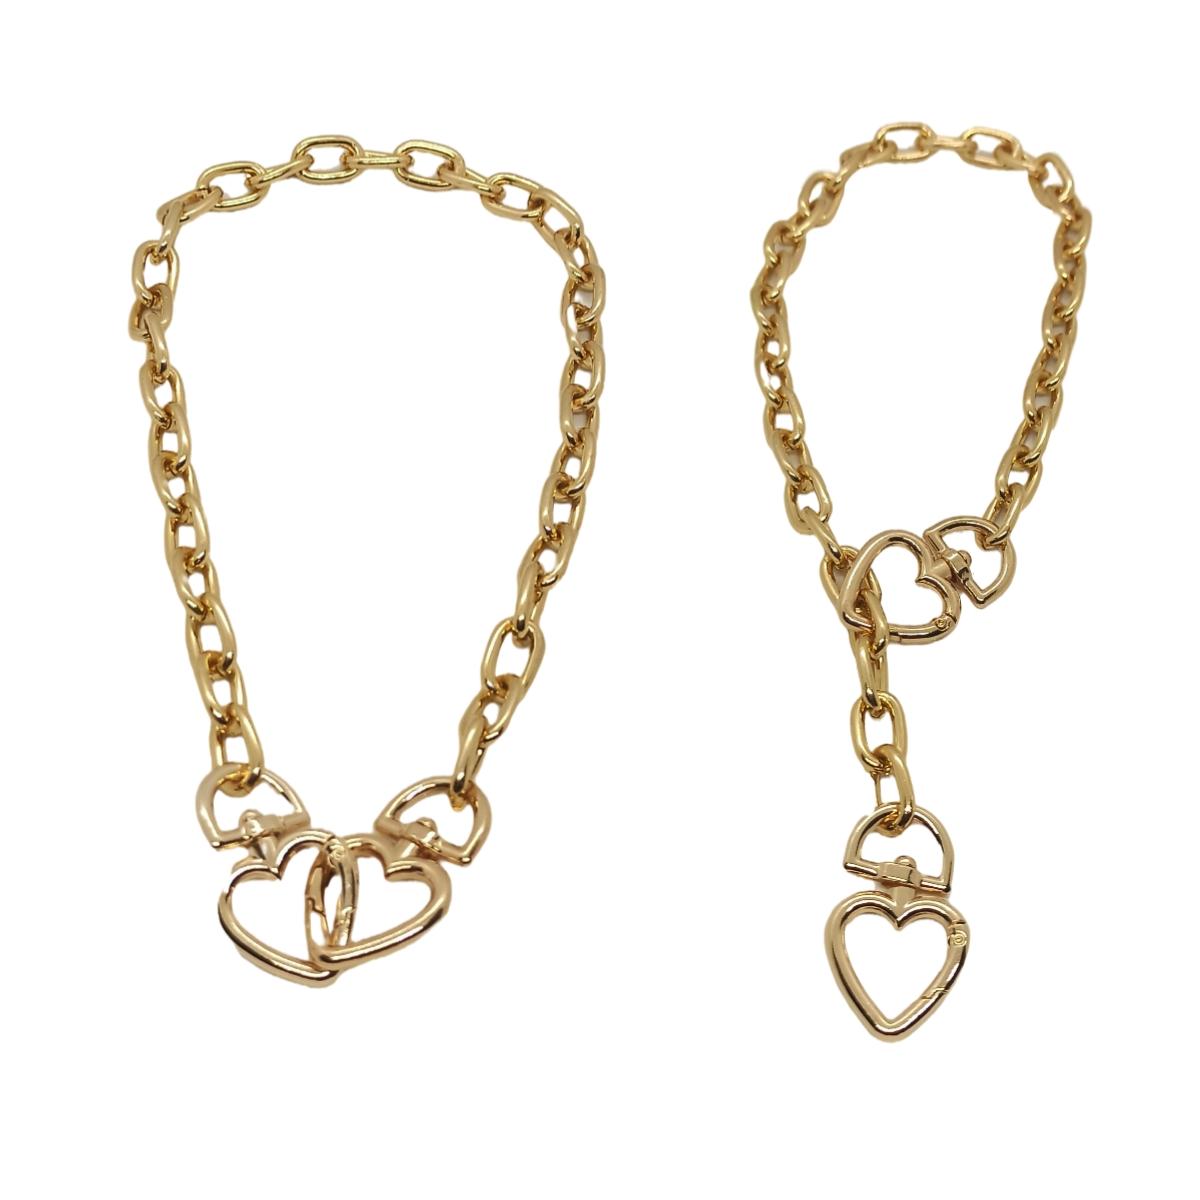 Colar / Corrente Mosquetão de Coração Duplo, Dourado.